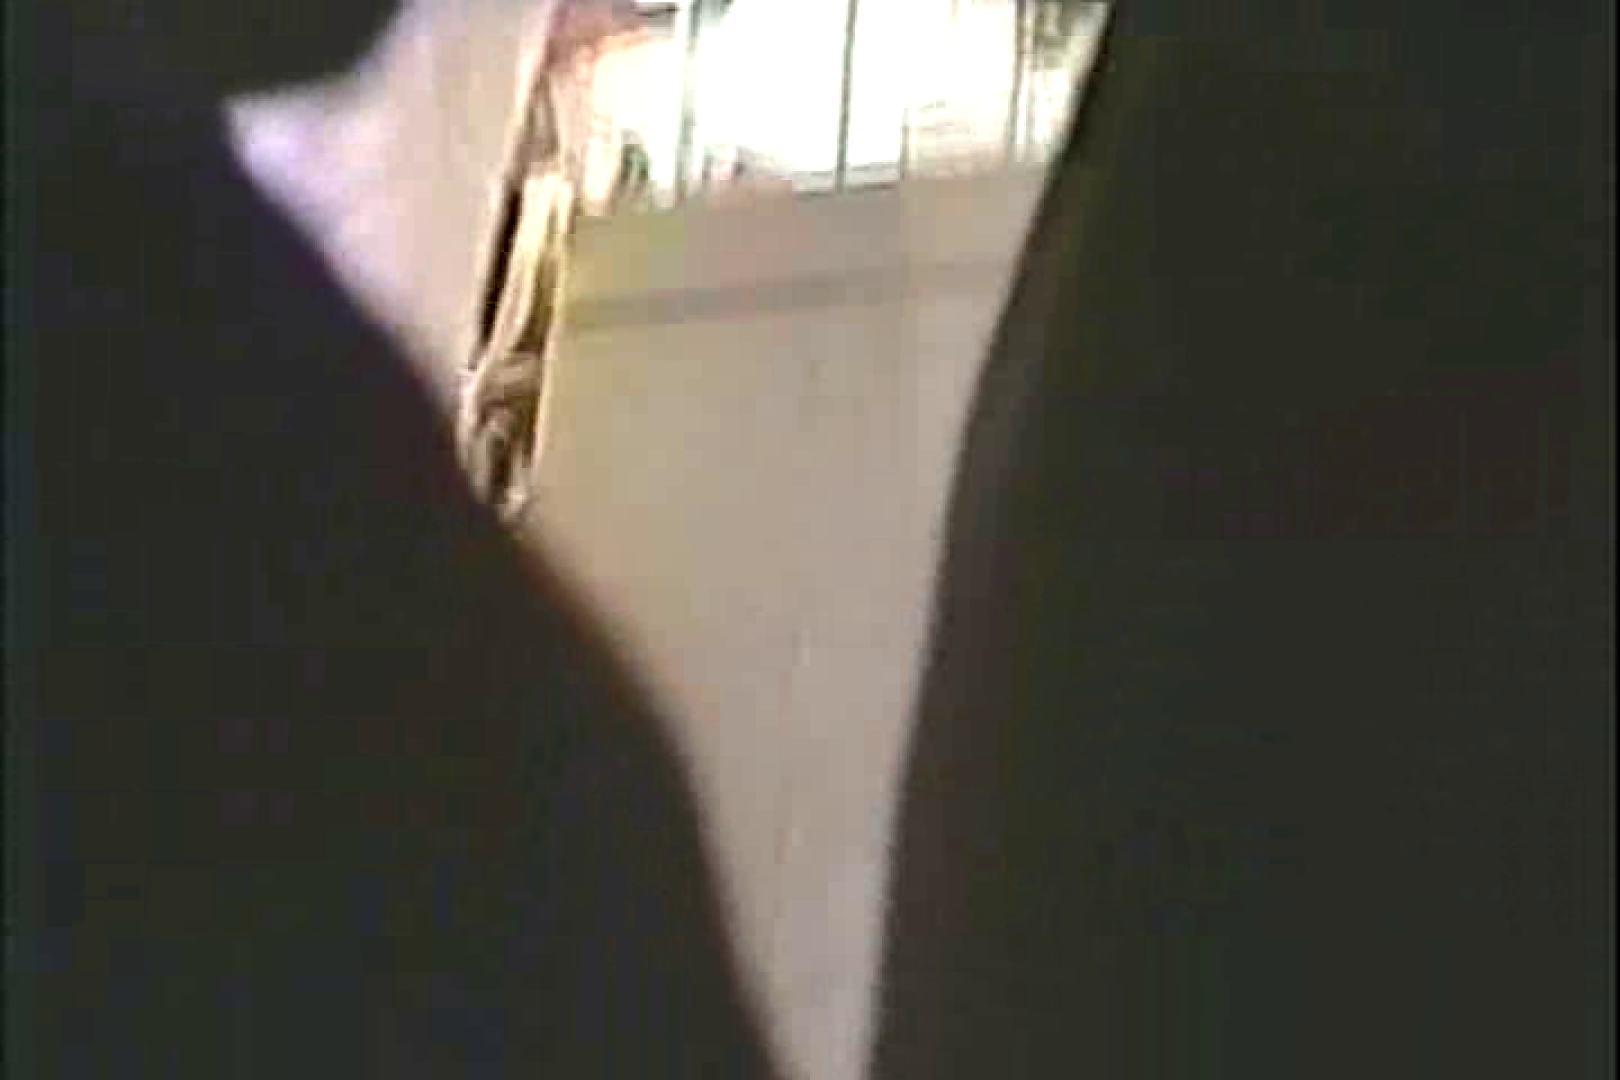 「ちくりん」さんのオリジナル未編集パンチラVol.3_01 チラ歓迎 エロ無料画像 101pic 63